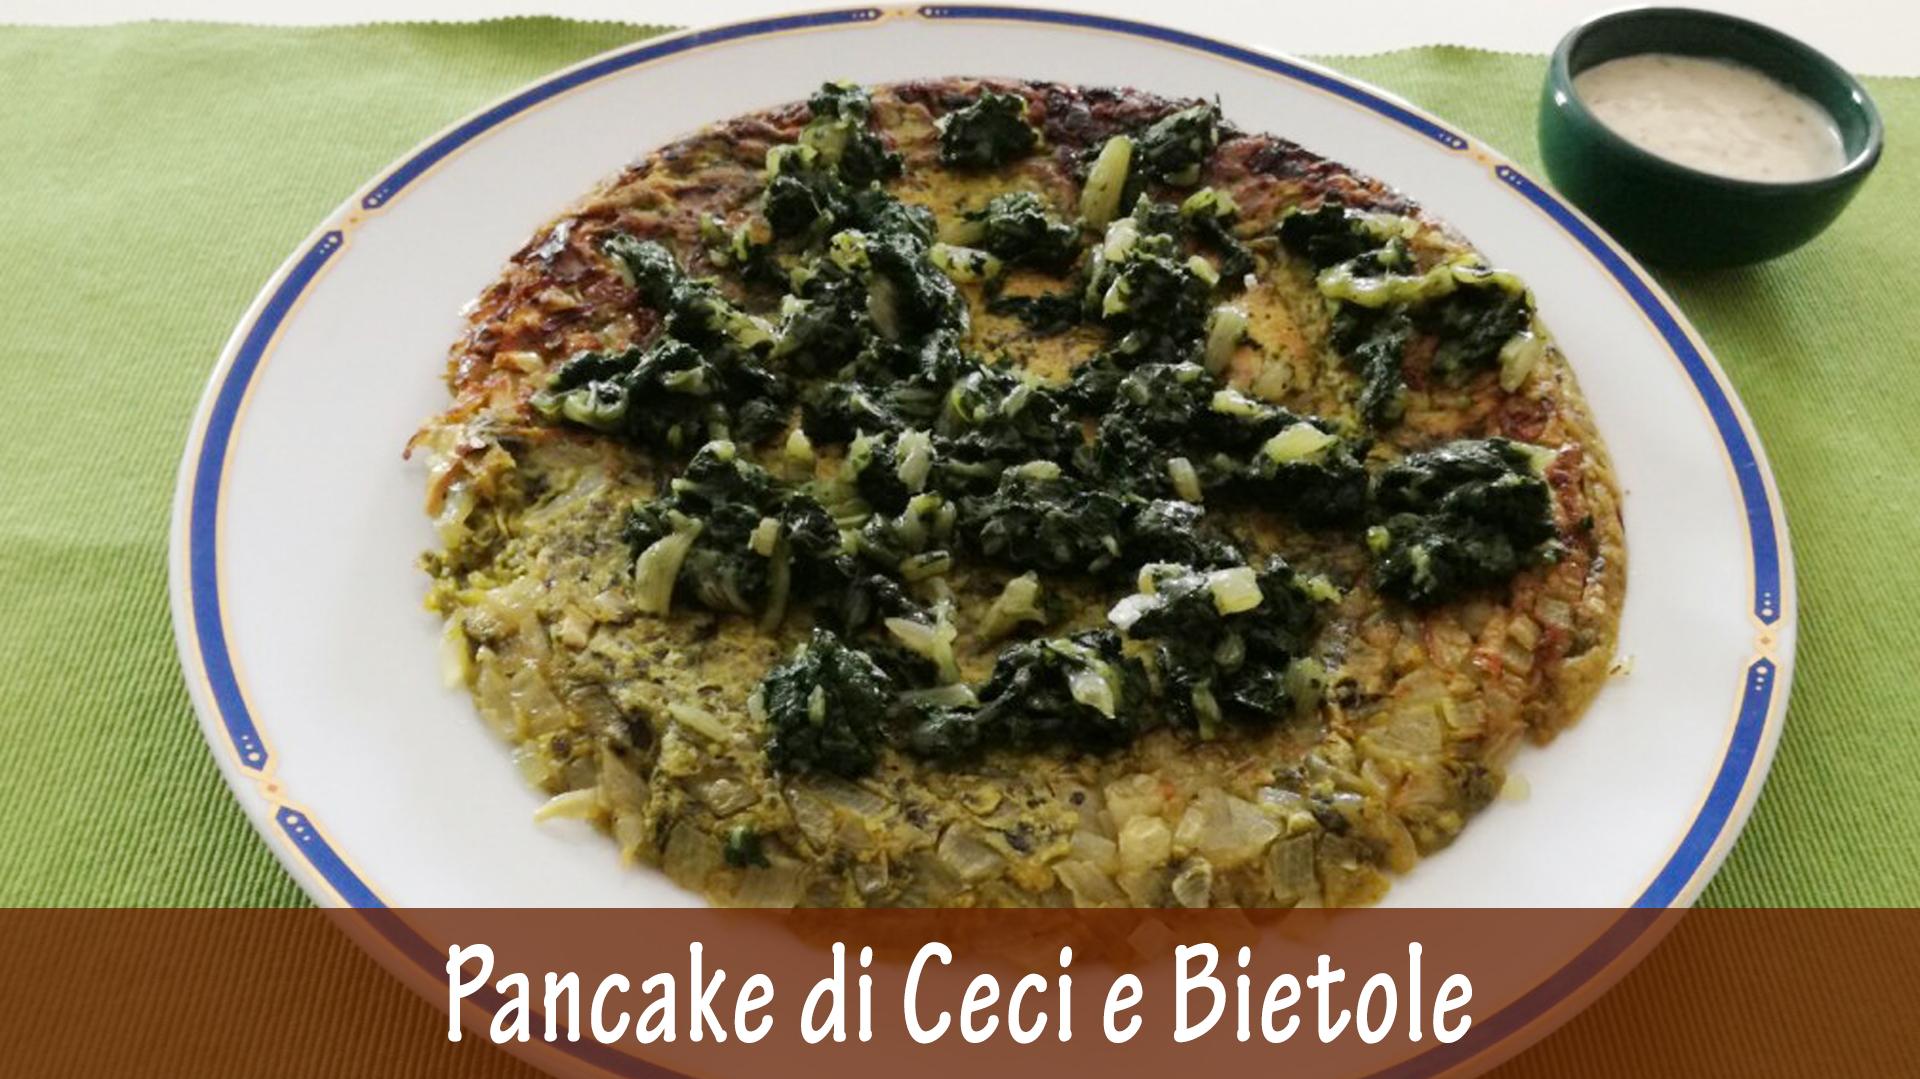 Pancake di Ceci e Bietole